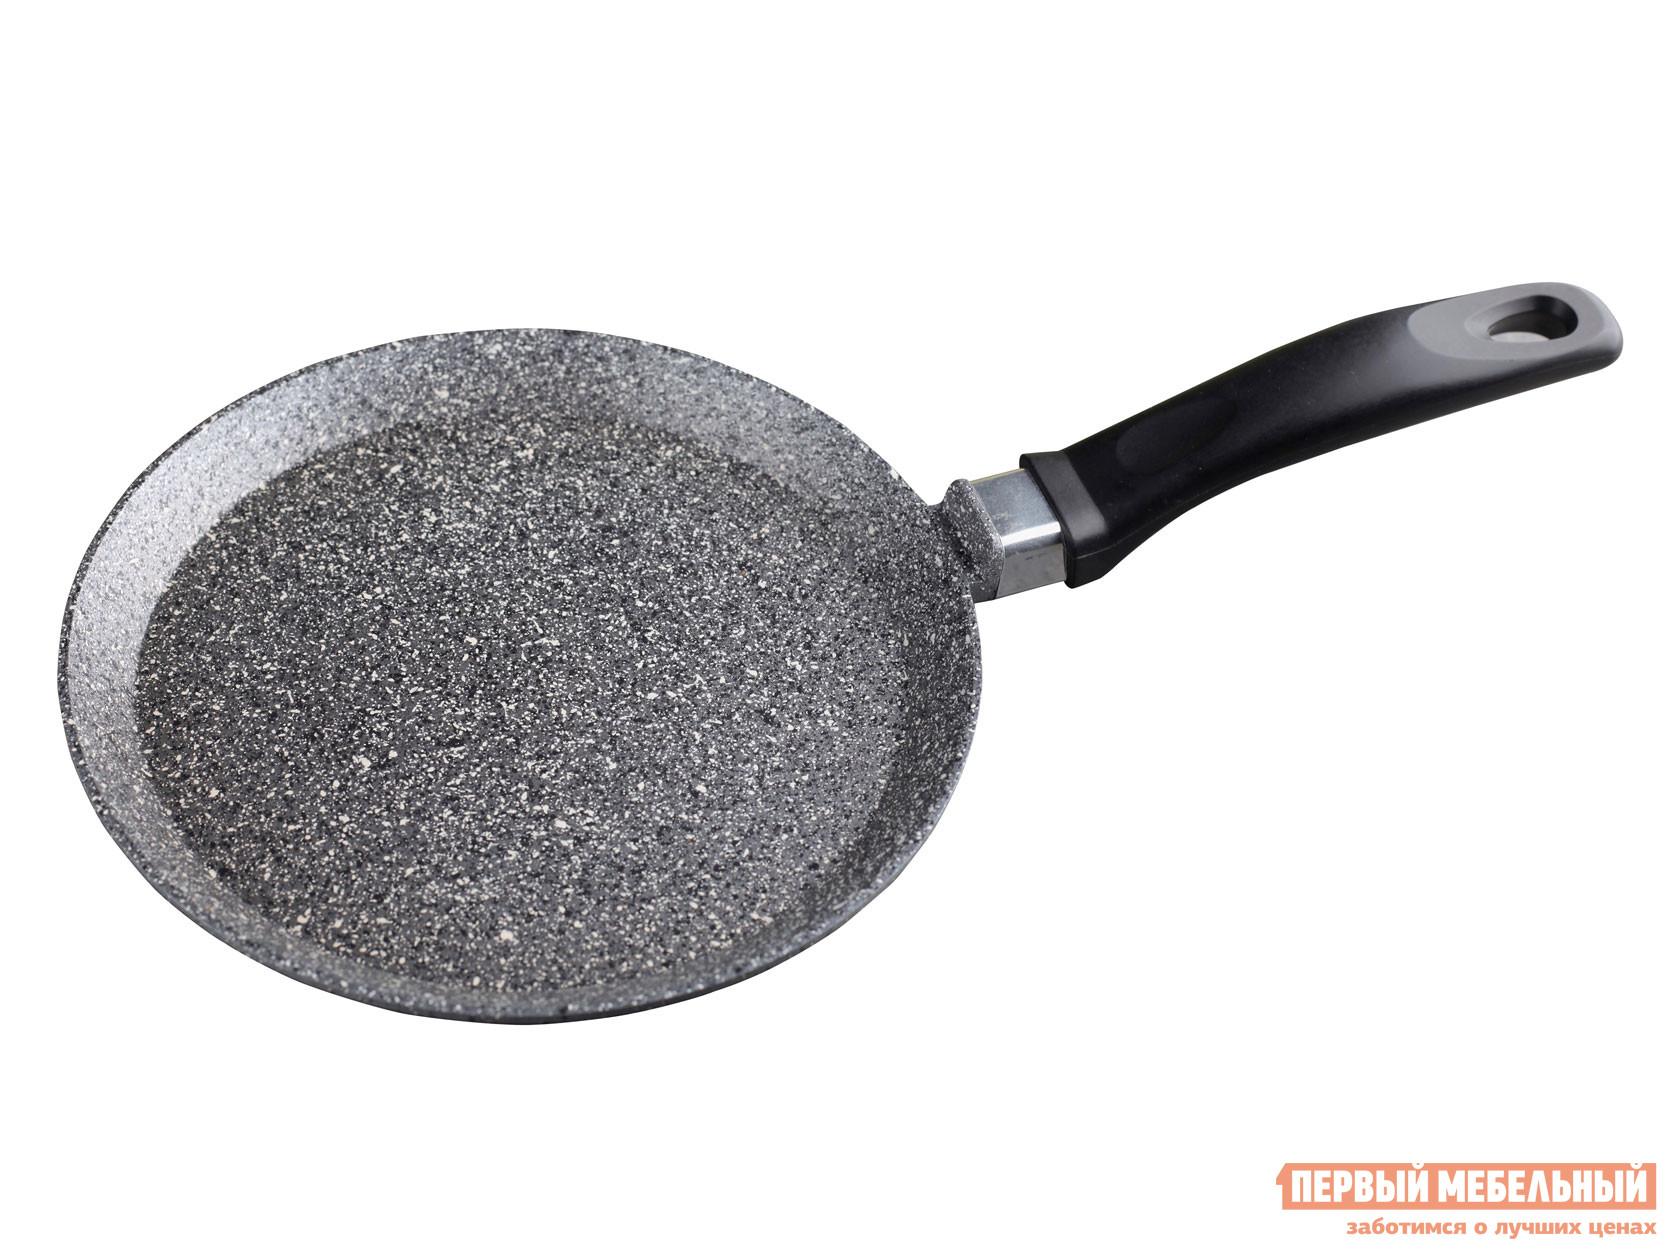 Блинная сковорода Первый Мебельный Сковорода блинная, Casta Мрамор, 22 см, литой алюминий сковорода d 24 см kukmara кофейный мрамор смки240а